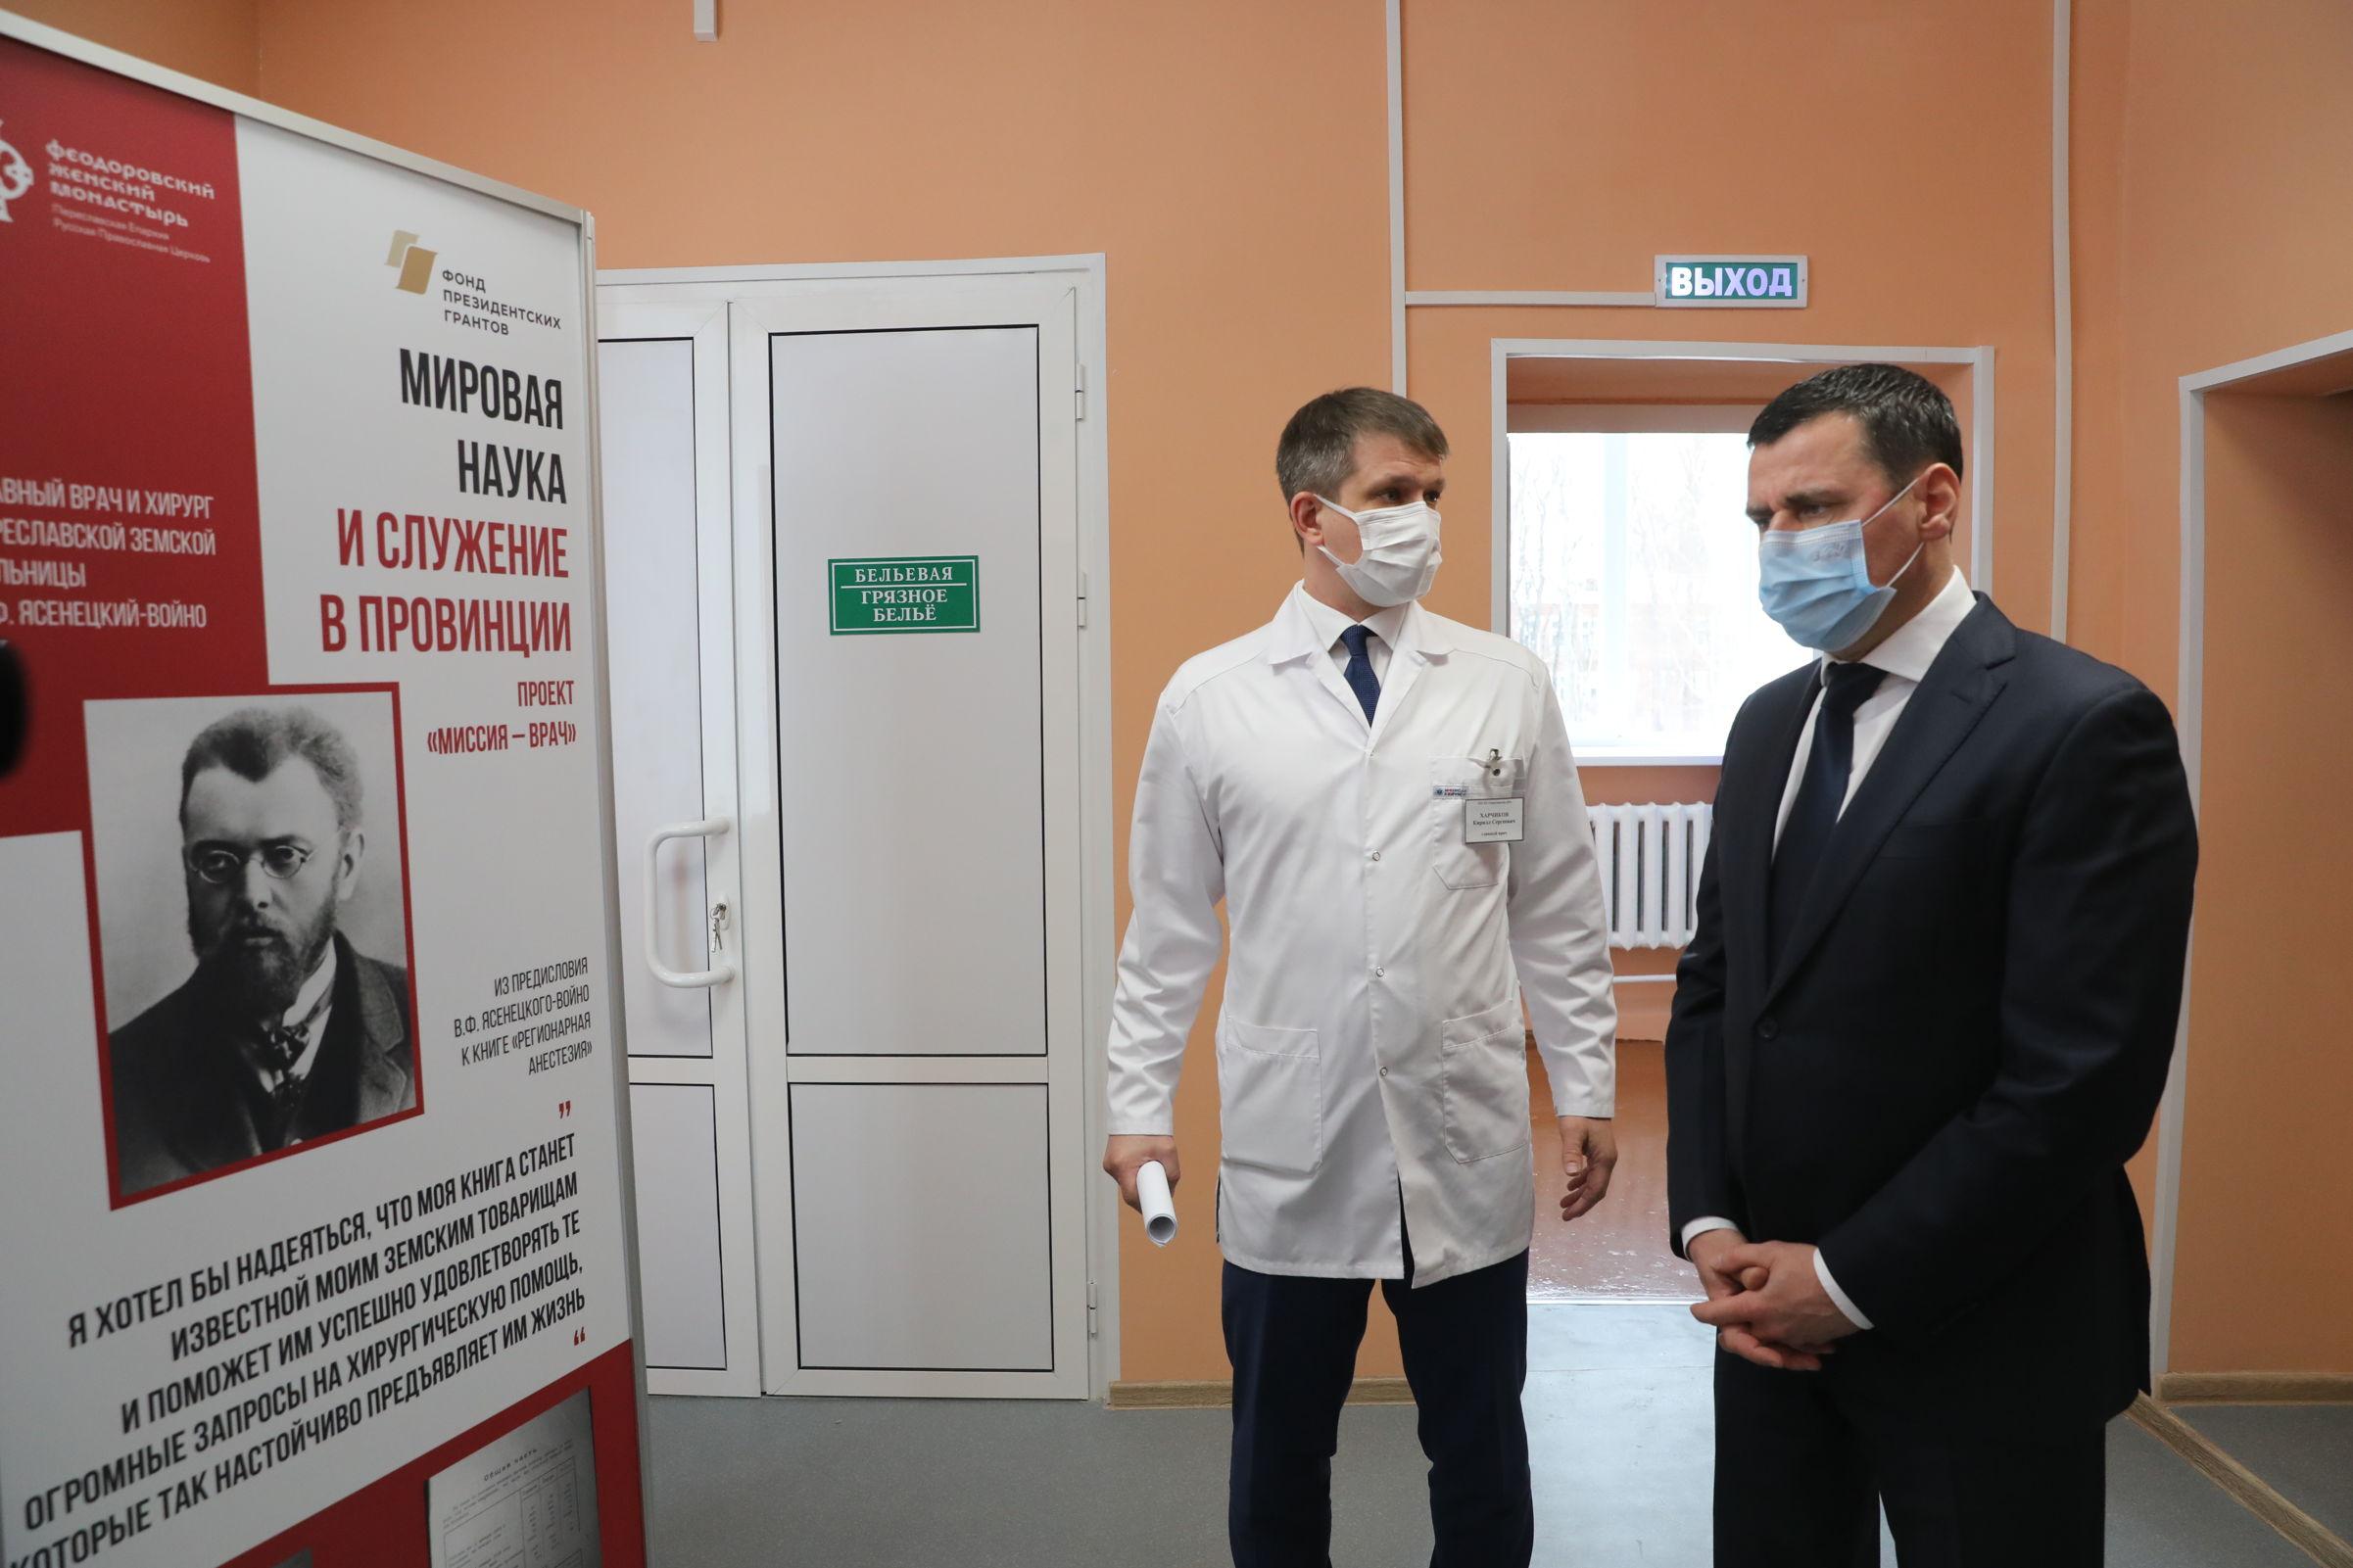 Дмитрий Миронов сообщил о выделении Переславлю около 400 миллионов рублей на модернизацию медицины